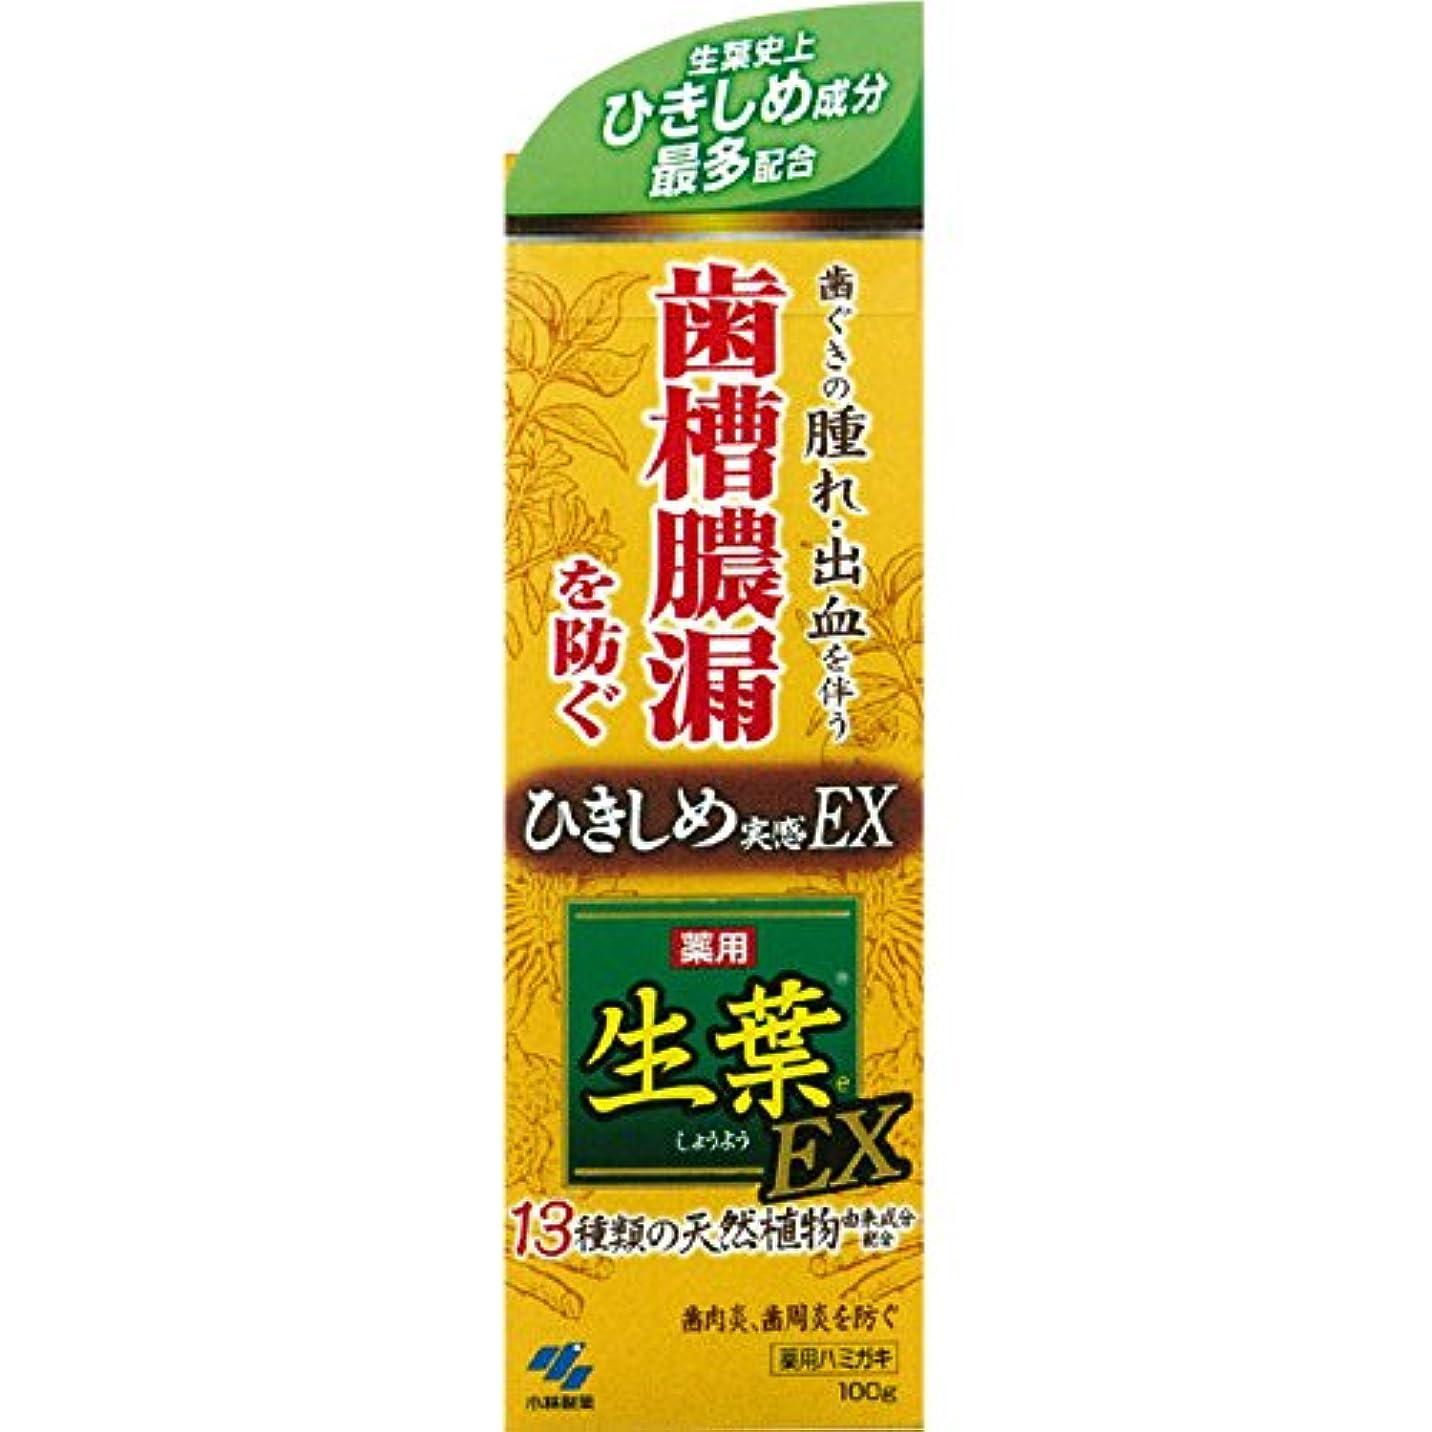 モス寛大な減らす生葉EX 100g x6個セット